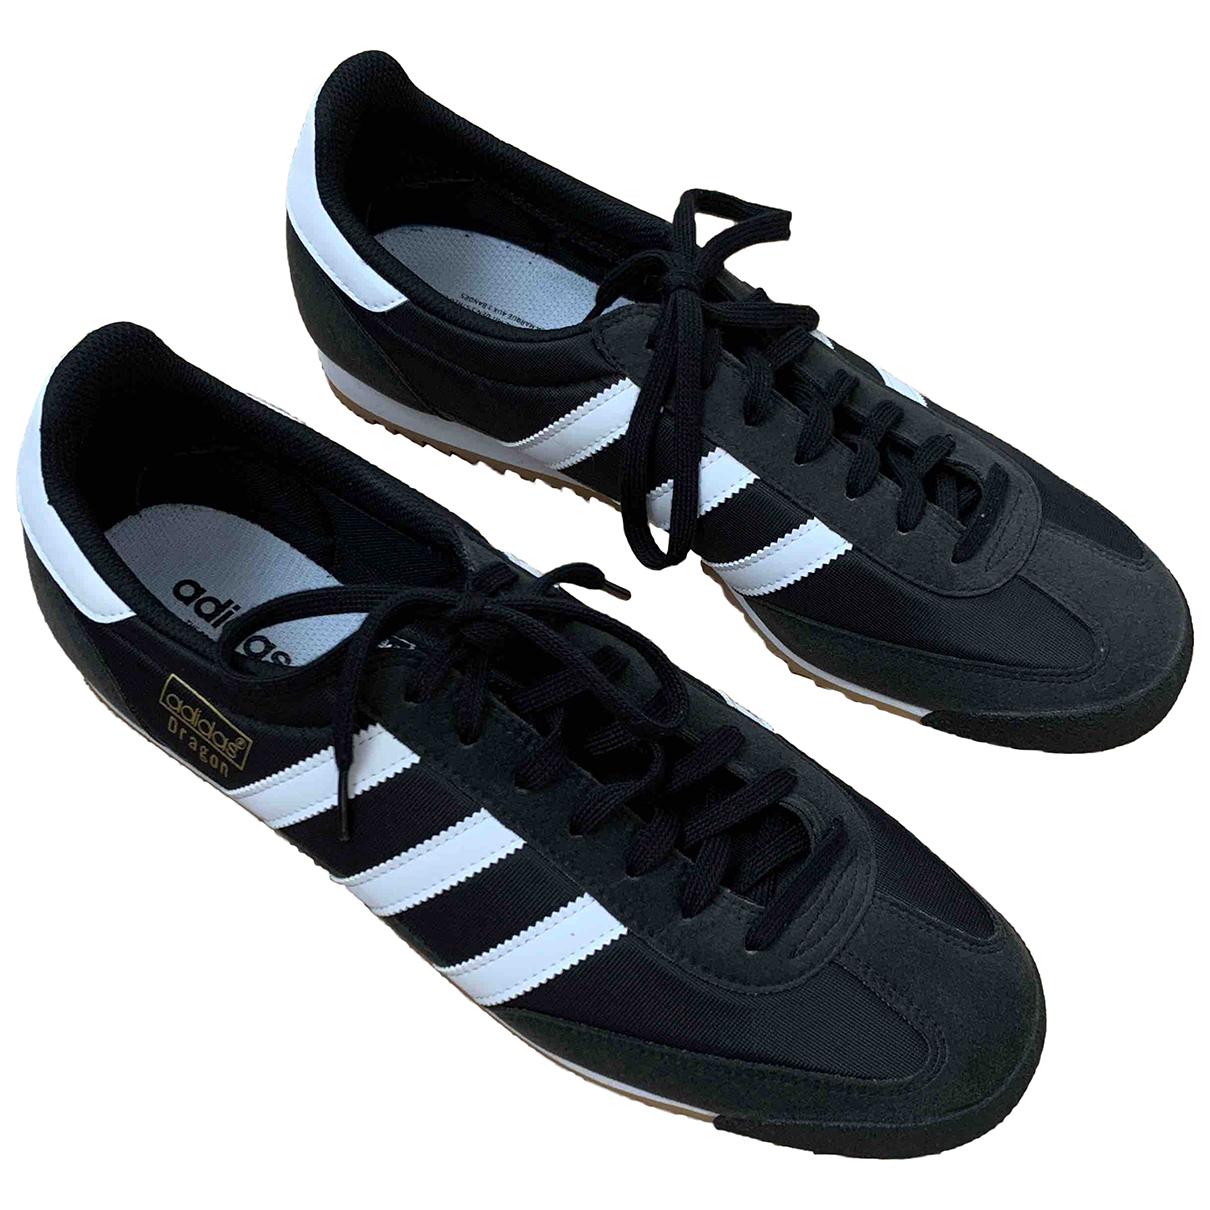 Adidas - Baskets Gazelle pour homme en toile - noir